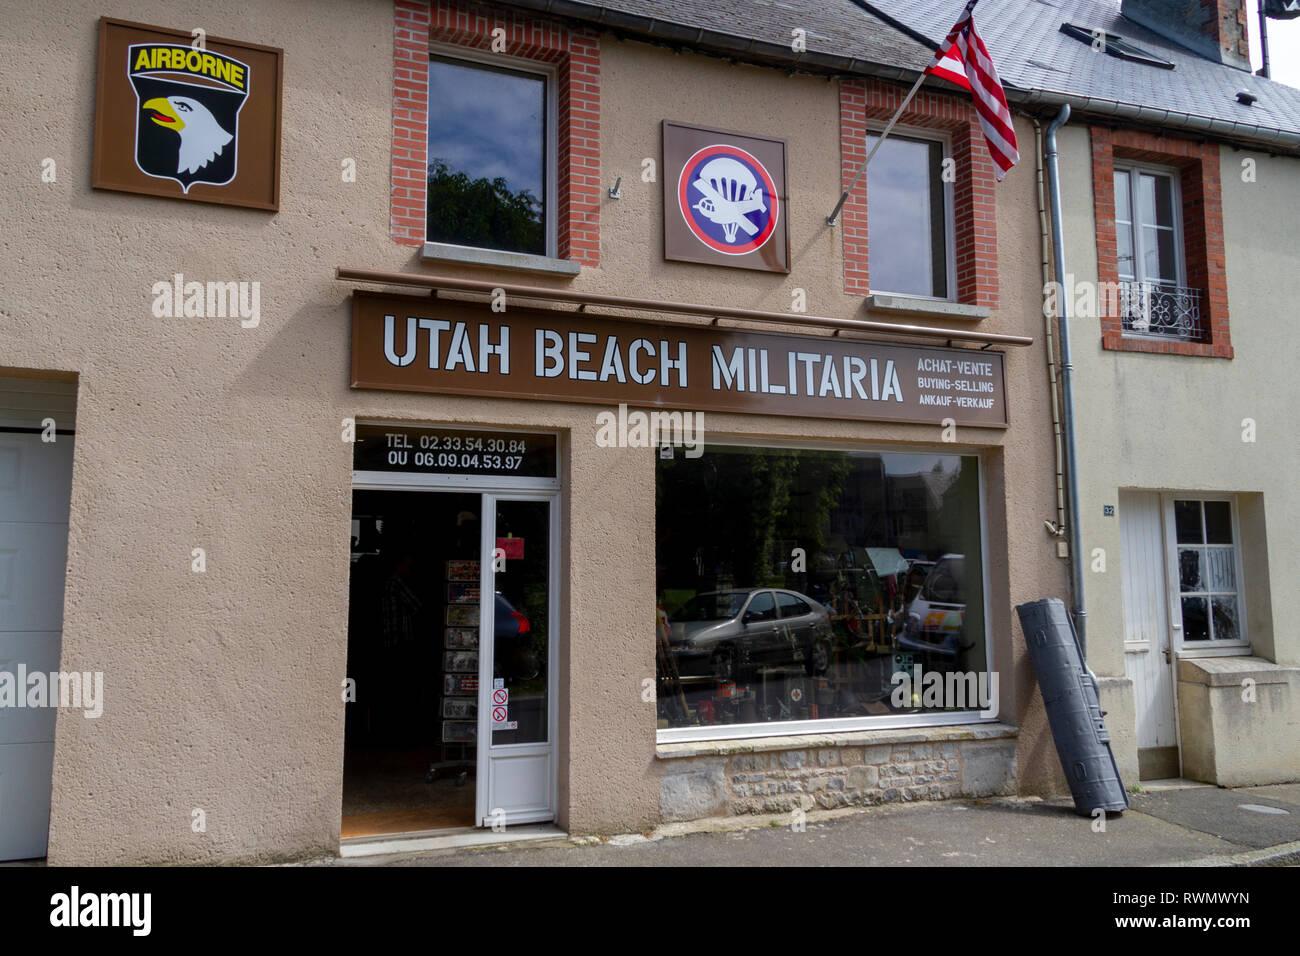 Utah Beach Militaria shop (World War Two military souvenirs) in